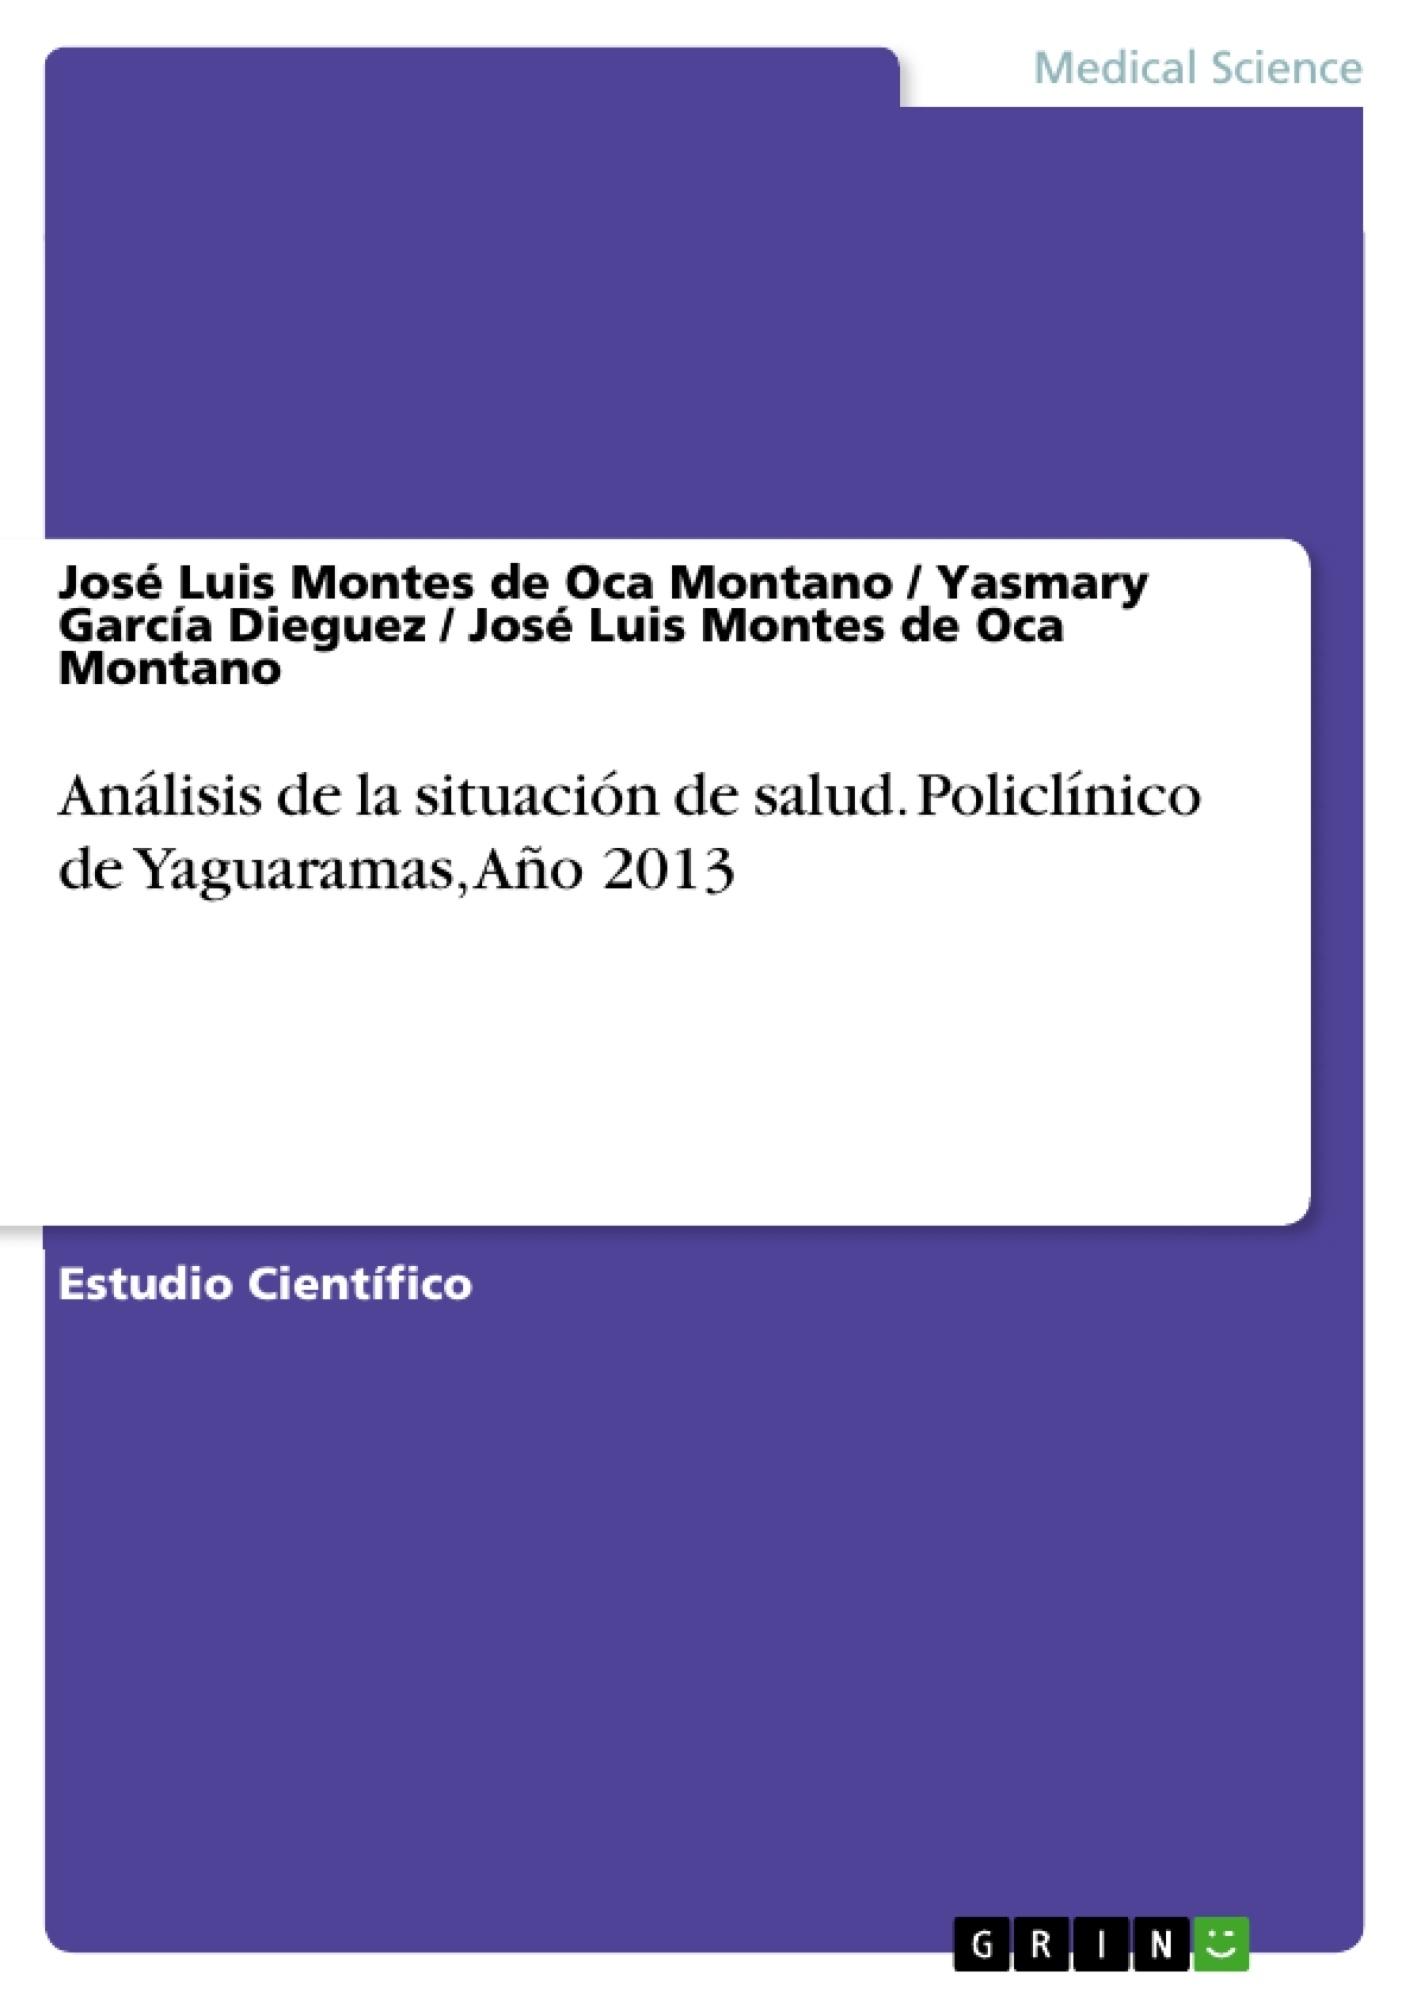 Título: Análisis de la situación de salud. Policlínico de Yaguaramas, Año 2013